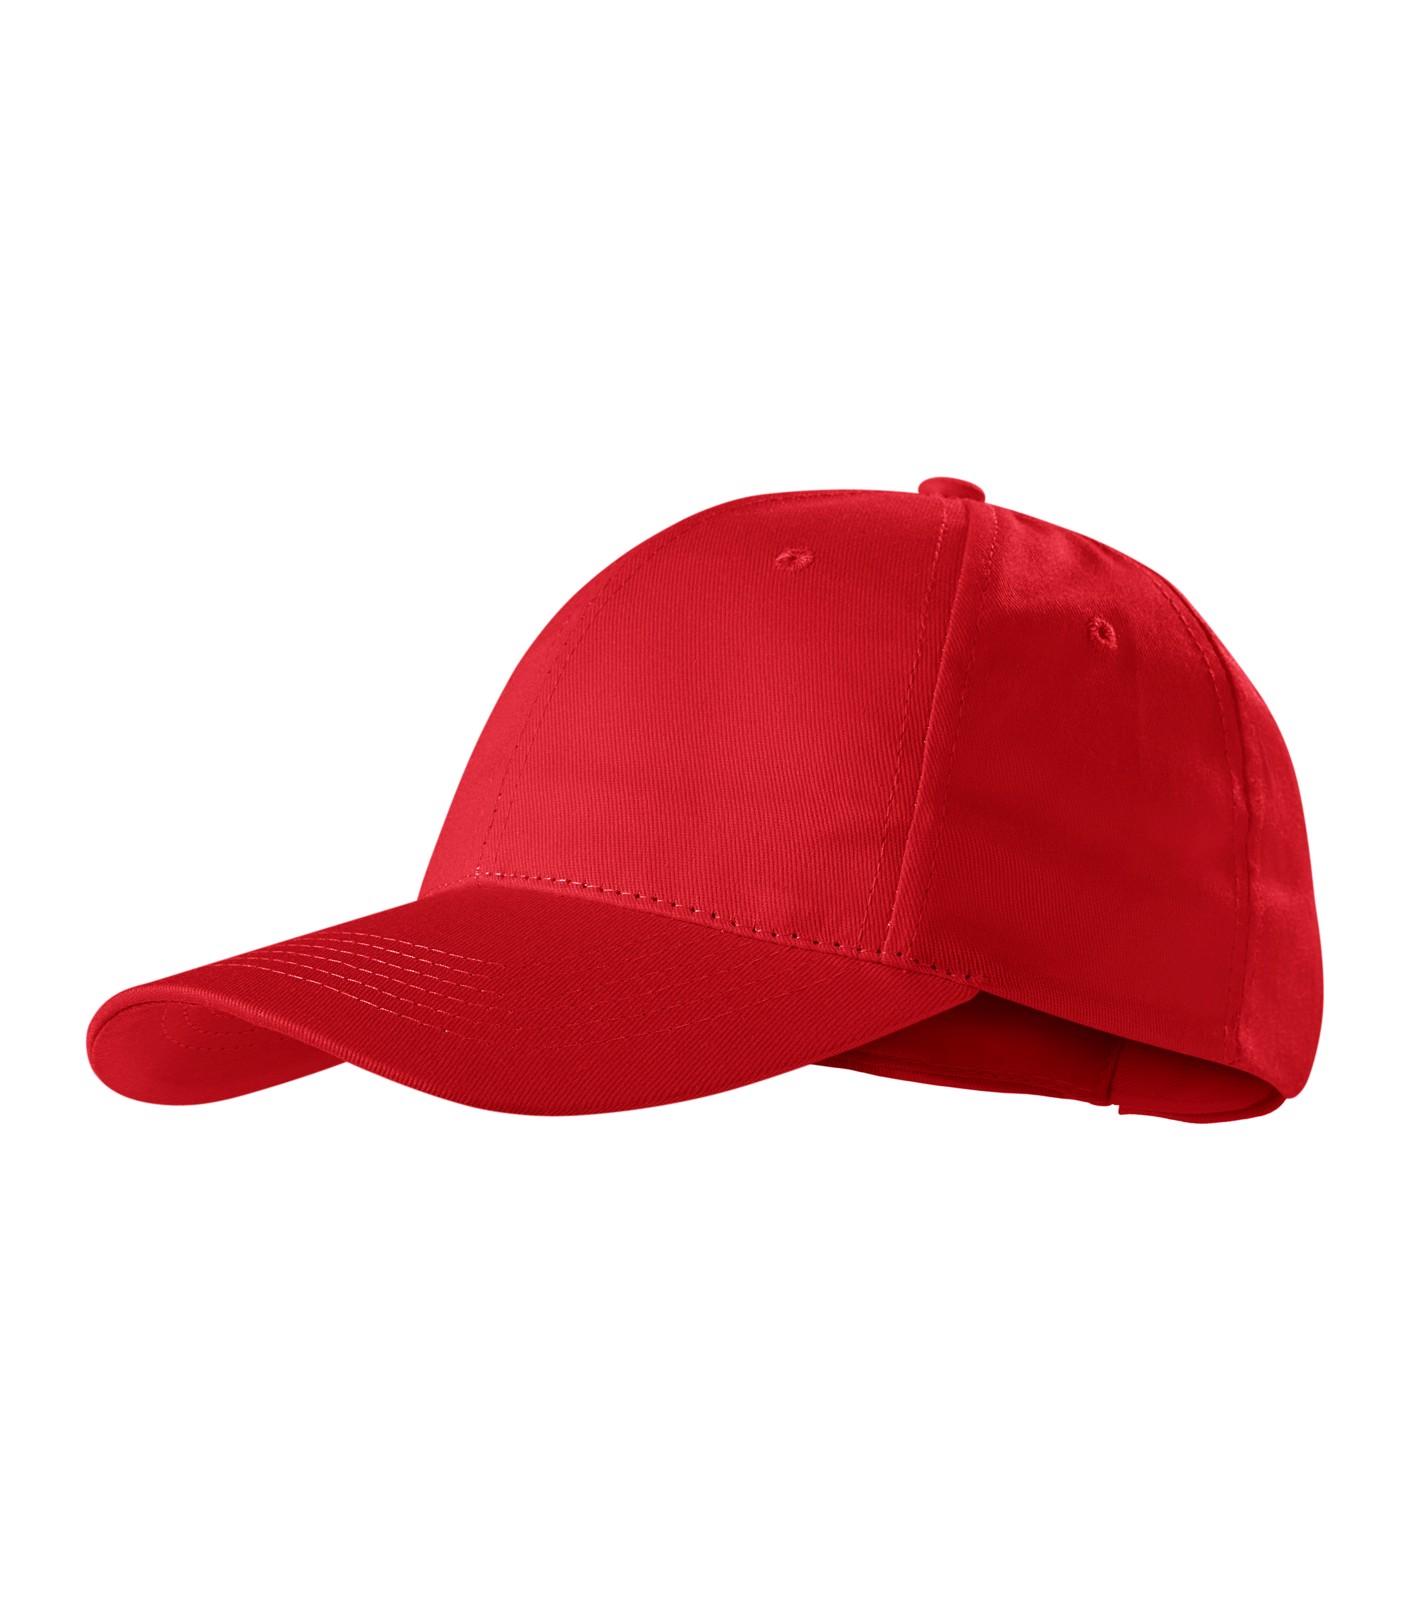 Cap unisex Piccolio Sunshine - Red / adjustable